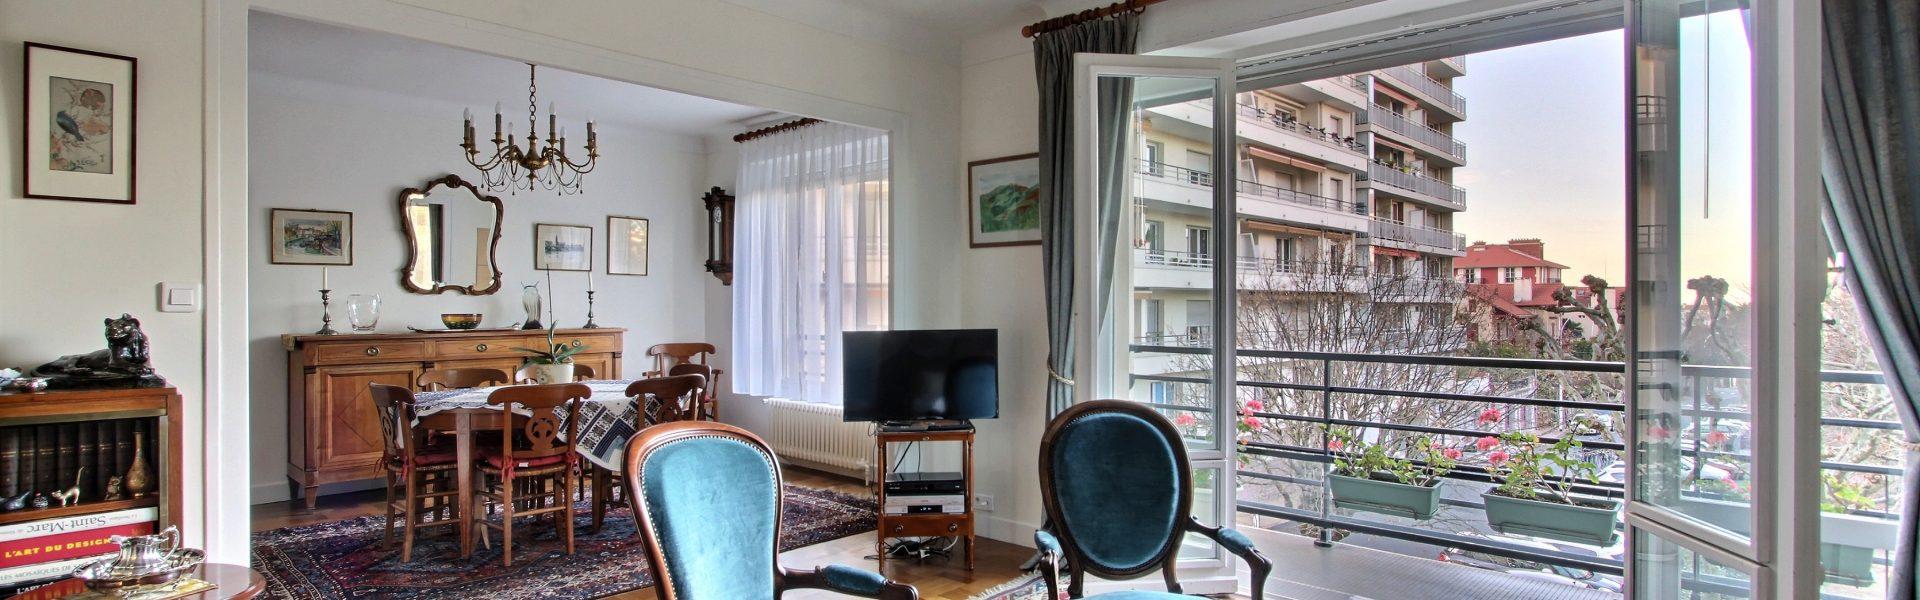 biarritz jardin public bel appartement t4 traversant ascenseur garage cave btz immobilier. Black Bedroom Furniture Sets. Home Design Ideas